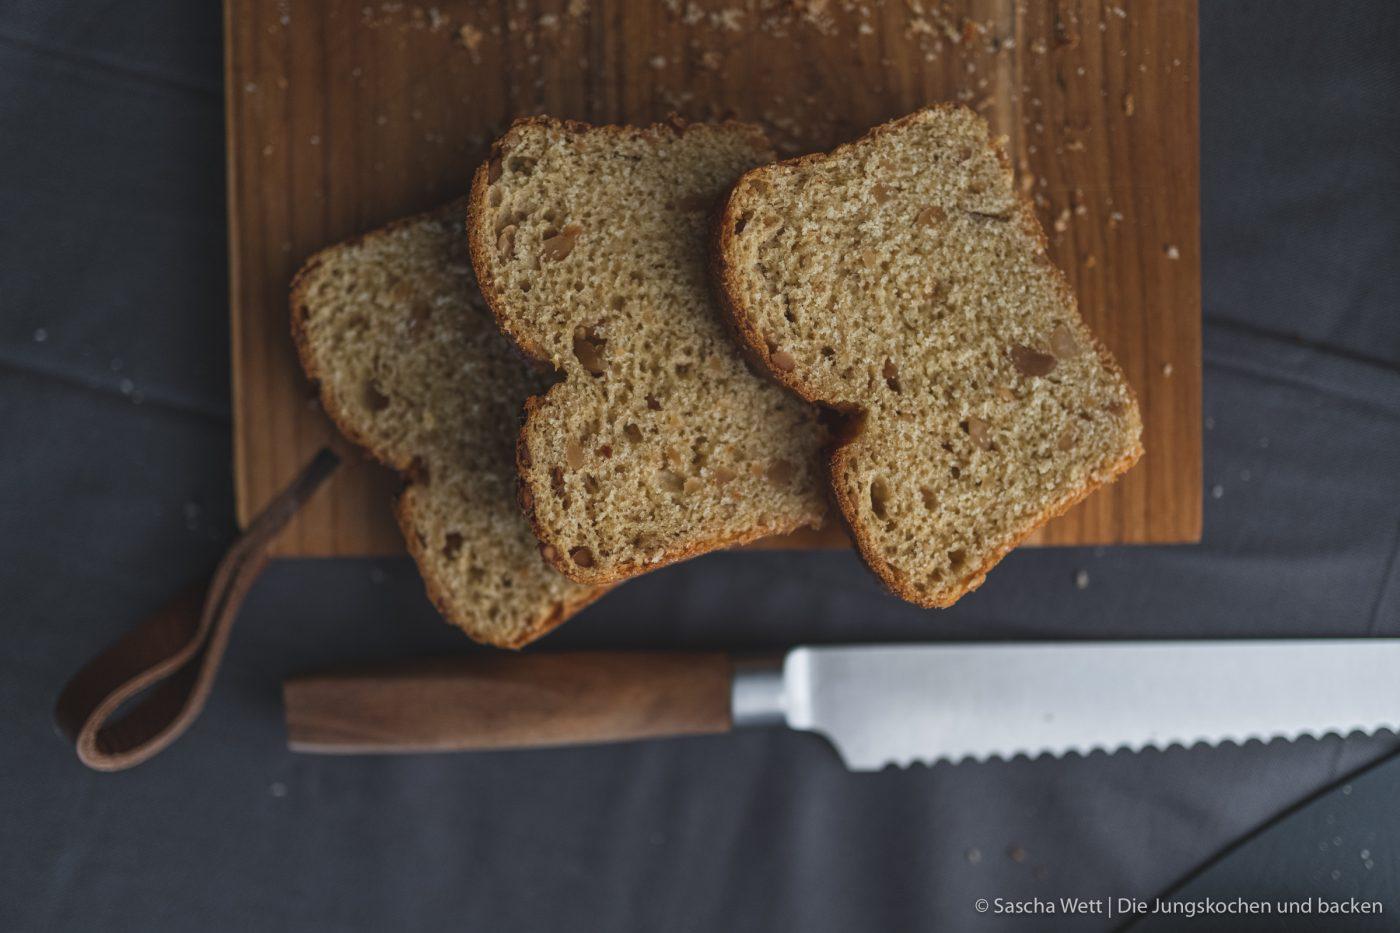 Erdnussbrot 9 | Heute haben wir wieder ein Rezept für euch, das wir mit Erdnüssen zubereitet haben. Und zwar ein selbstgebackenes Brot. Allerdings ist das ein Rezept, das wir schon im Mai, als wir auf unserer Reise mit dem Wohnmobil durch die Bretagne unterwegs waren, zum ersten Mal gebacken haben. Denn auch unterwegs backen wir unser Brot am Liebsten selber! Herausgekommen ist ein richtig tolles Frühstücksbrot und wir wussten, dass wir das unbedingt nochmal in unserem heimischen Offen neu backen müssen, damit ihr das leckere Brot auch nach unserem Rezept selber backen könnt.